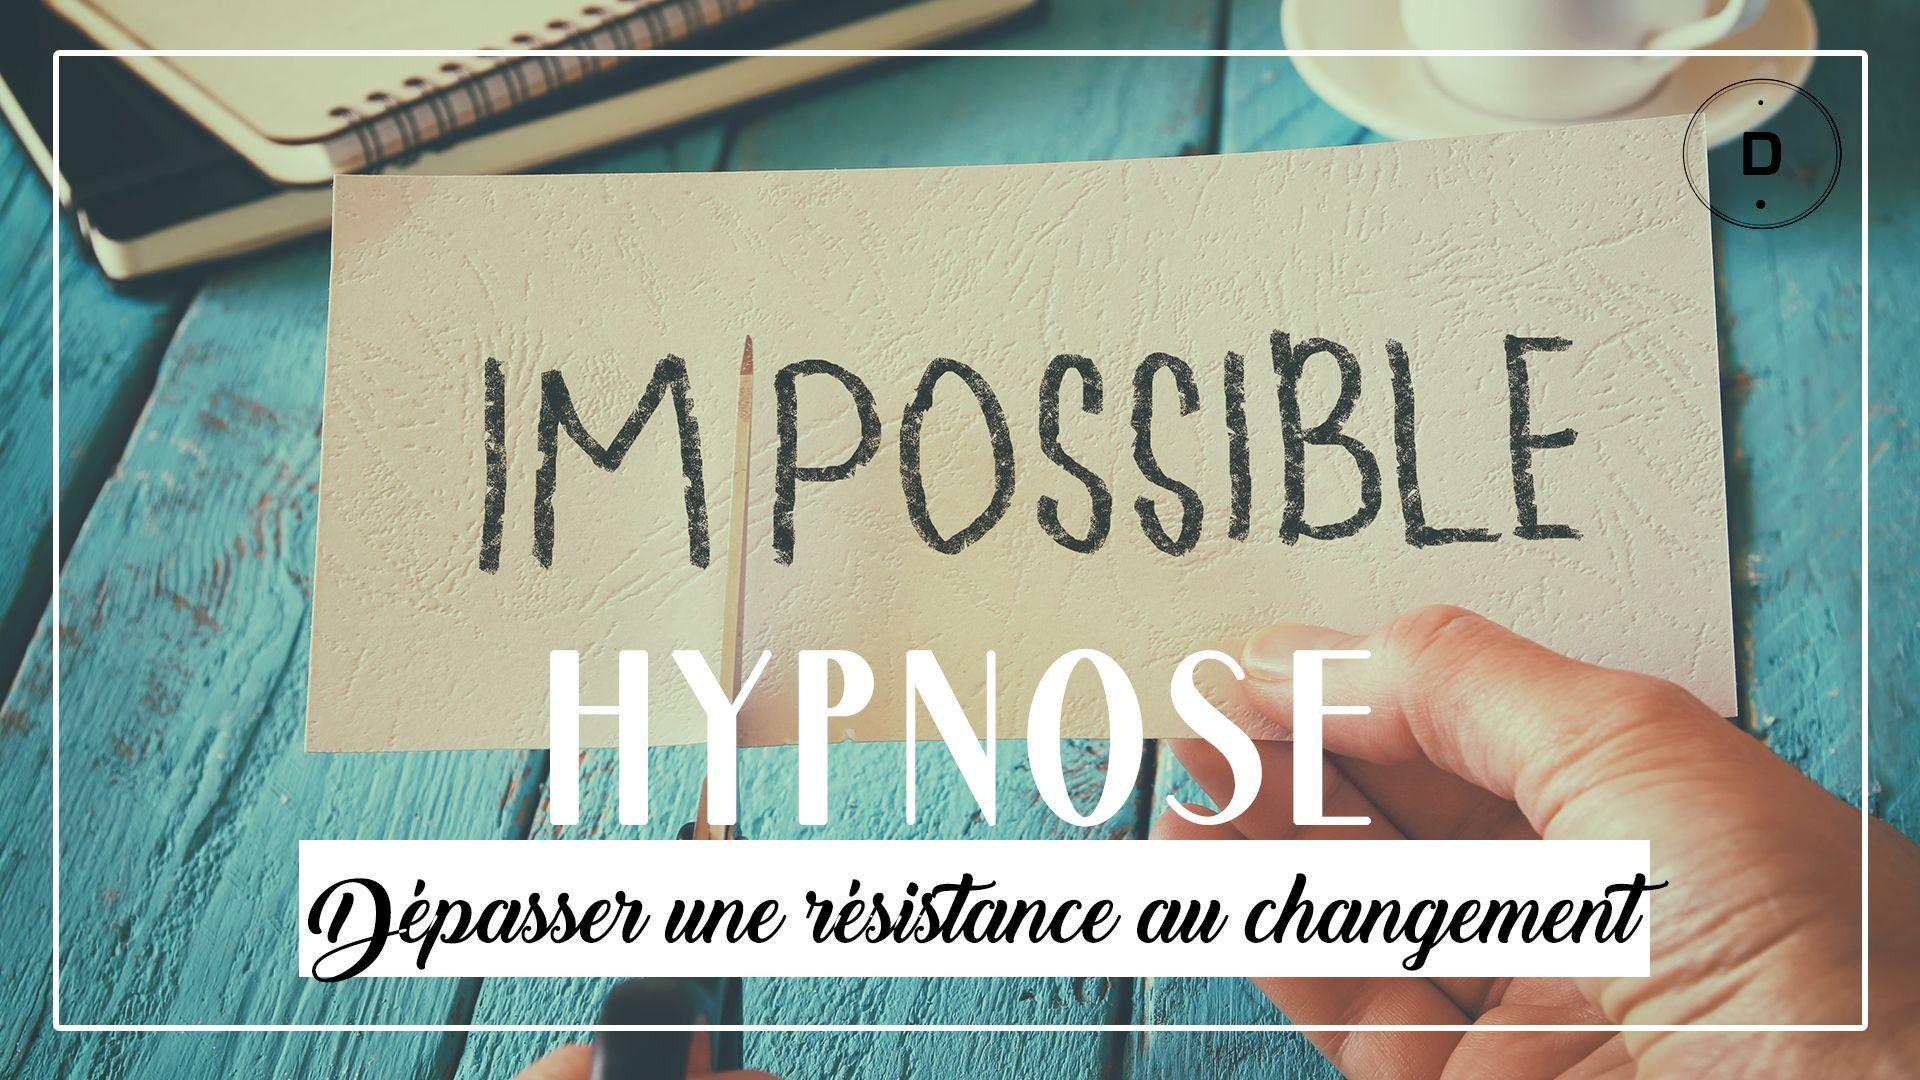 HYPNOSE  - Dépasser une résistance au changement (20 min)